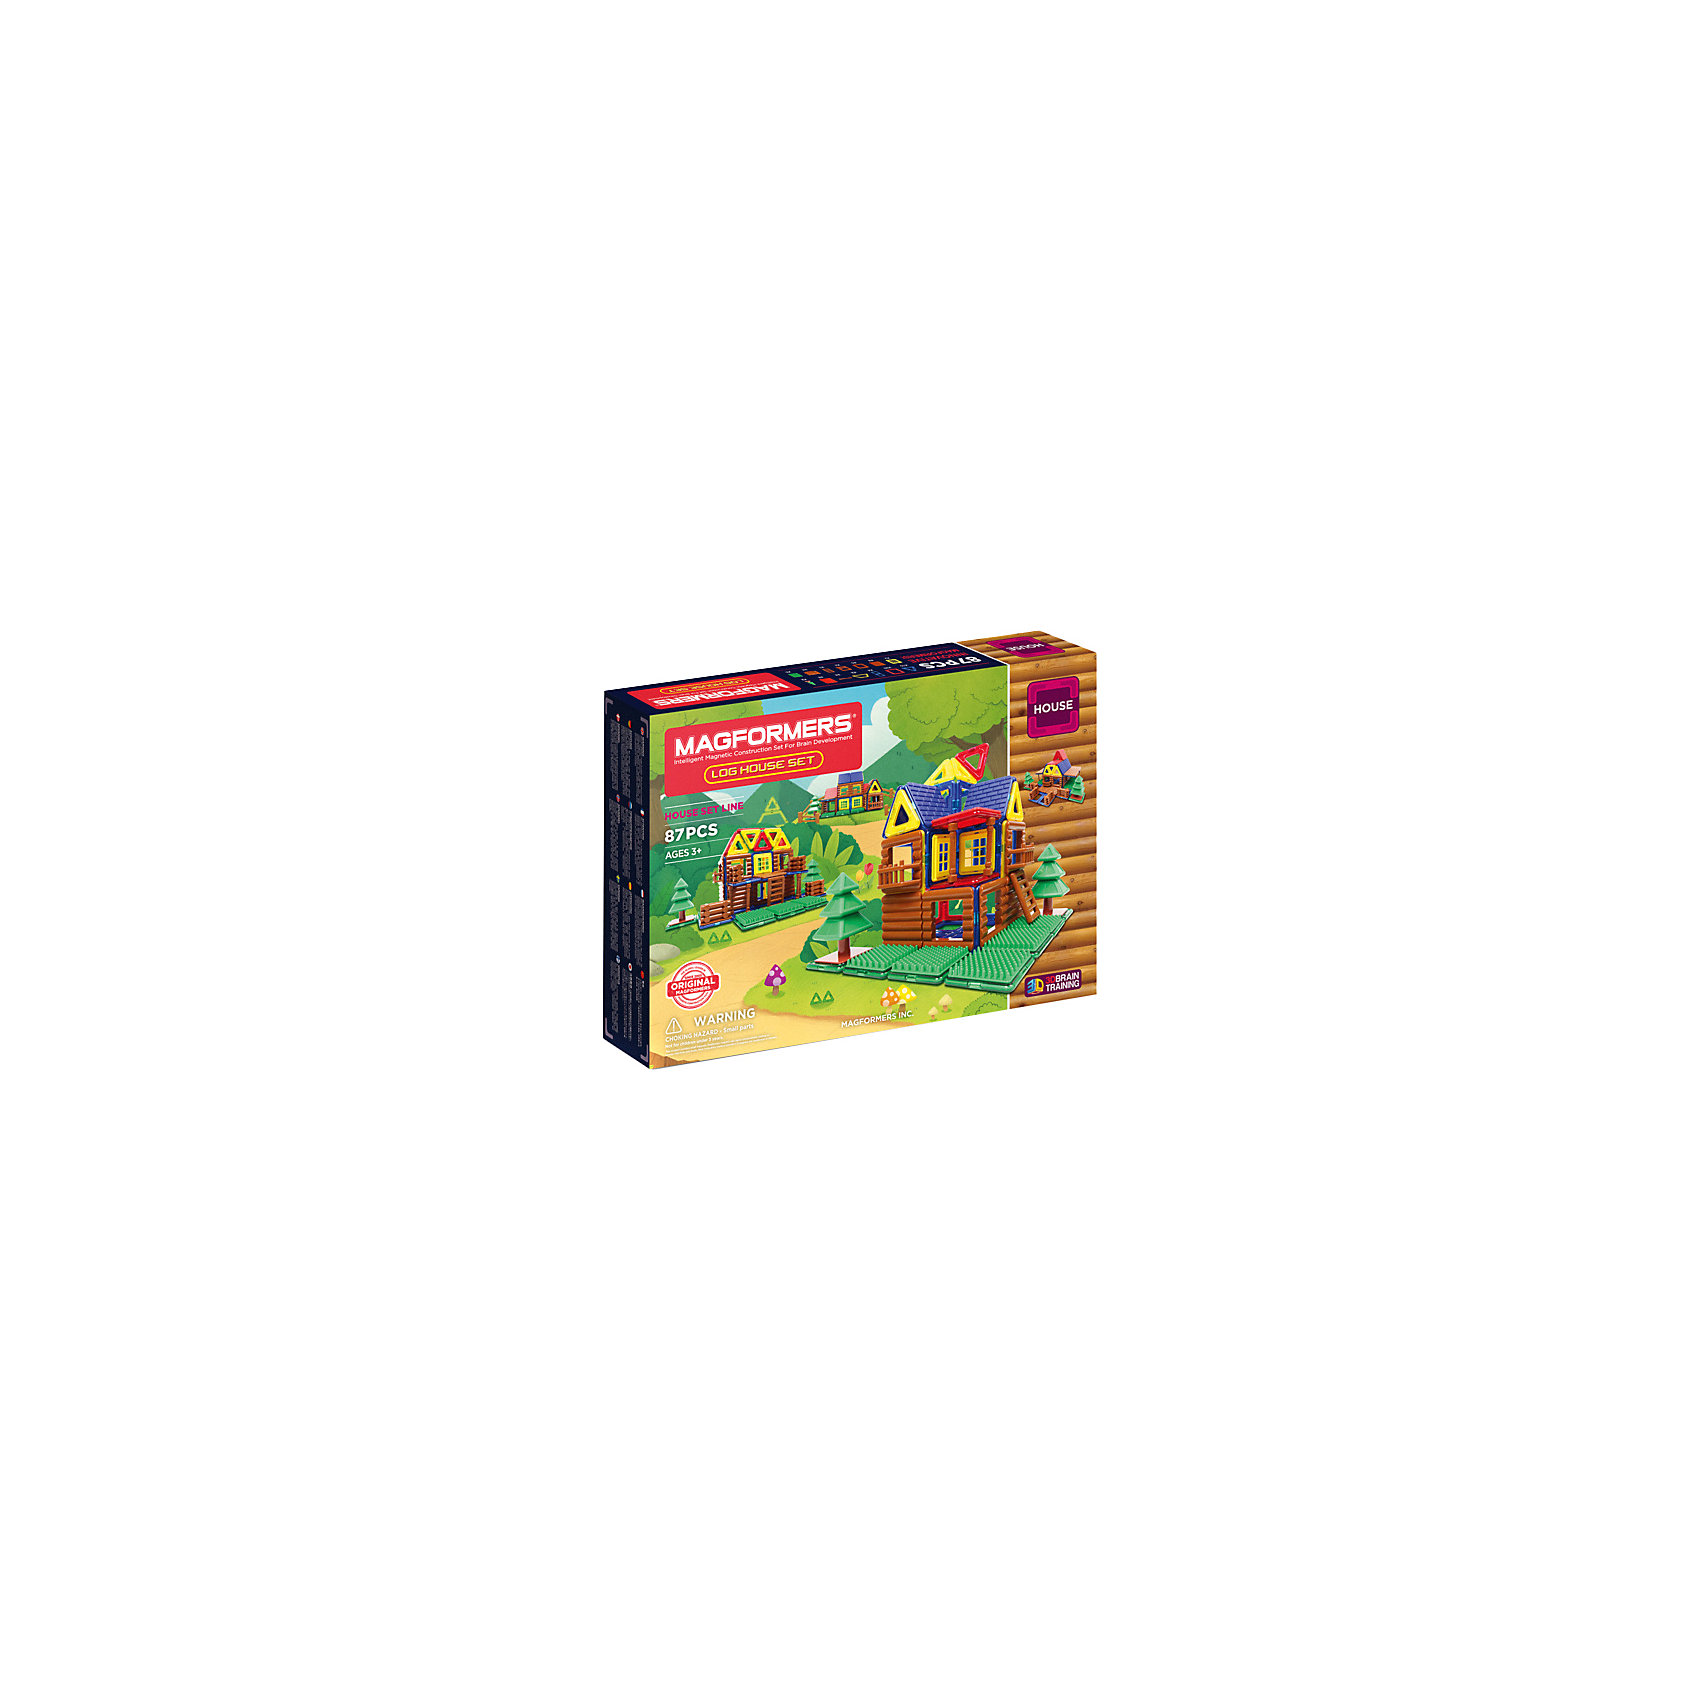 Магнитный конструктор 705004 Log House Set, MAGFORMERSМагнитные конструкторы<br>Характеристики товара:<br><br>• возраст: от 3 лет;<br>• материал: пластик;<br>• в комплекте: 87 деталей, инструкция;<br>• размер упаковки: 44х32х6 см;<br>• вес упаковки: 1,5 кг;<br>• страна производитель: Корея.<br><br>Магнитный конструктор Log House Set Magformers позволит детям собрать небольшую деревушку из элементов. В наборе представлены особые детали, похожие на деревянные бревна, благодаря которым получаются деревянные домики. <br><br>Конструктор Magformers — удивительный конструктор, детали которого соединяются между собой благодаря магнитам. Магниты внутри элементов уже сделаны таким образом, что позволяют им присоединяться и поворачиваться друг к другу нужной стороной.<br><br>Конструктор развивает у детей пространственное и логическое мышление, мелкую моторику рук, воображение и фантазию. Элементы выполнены из прочного качественного пластика.<br><br>Магнитный конструктор Log House Set Magformers можно приобрести в нашем интернет-магазине.<br><br>Ширина мм: 320<br>Глубина мм: 440<br>Высота мм: 60<br>Вес г: 1500<br>Возраст от месяцев: 36<br>Возраст до месяцев: 2147483647<br>Пол: Унисекс<br>Возраст: Детский<br>SKU: 6881972